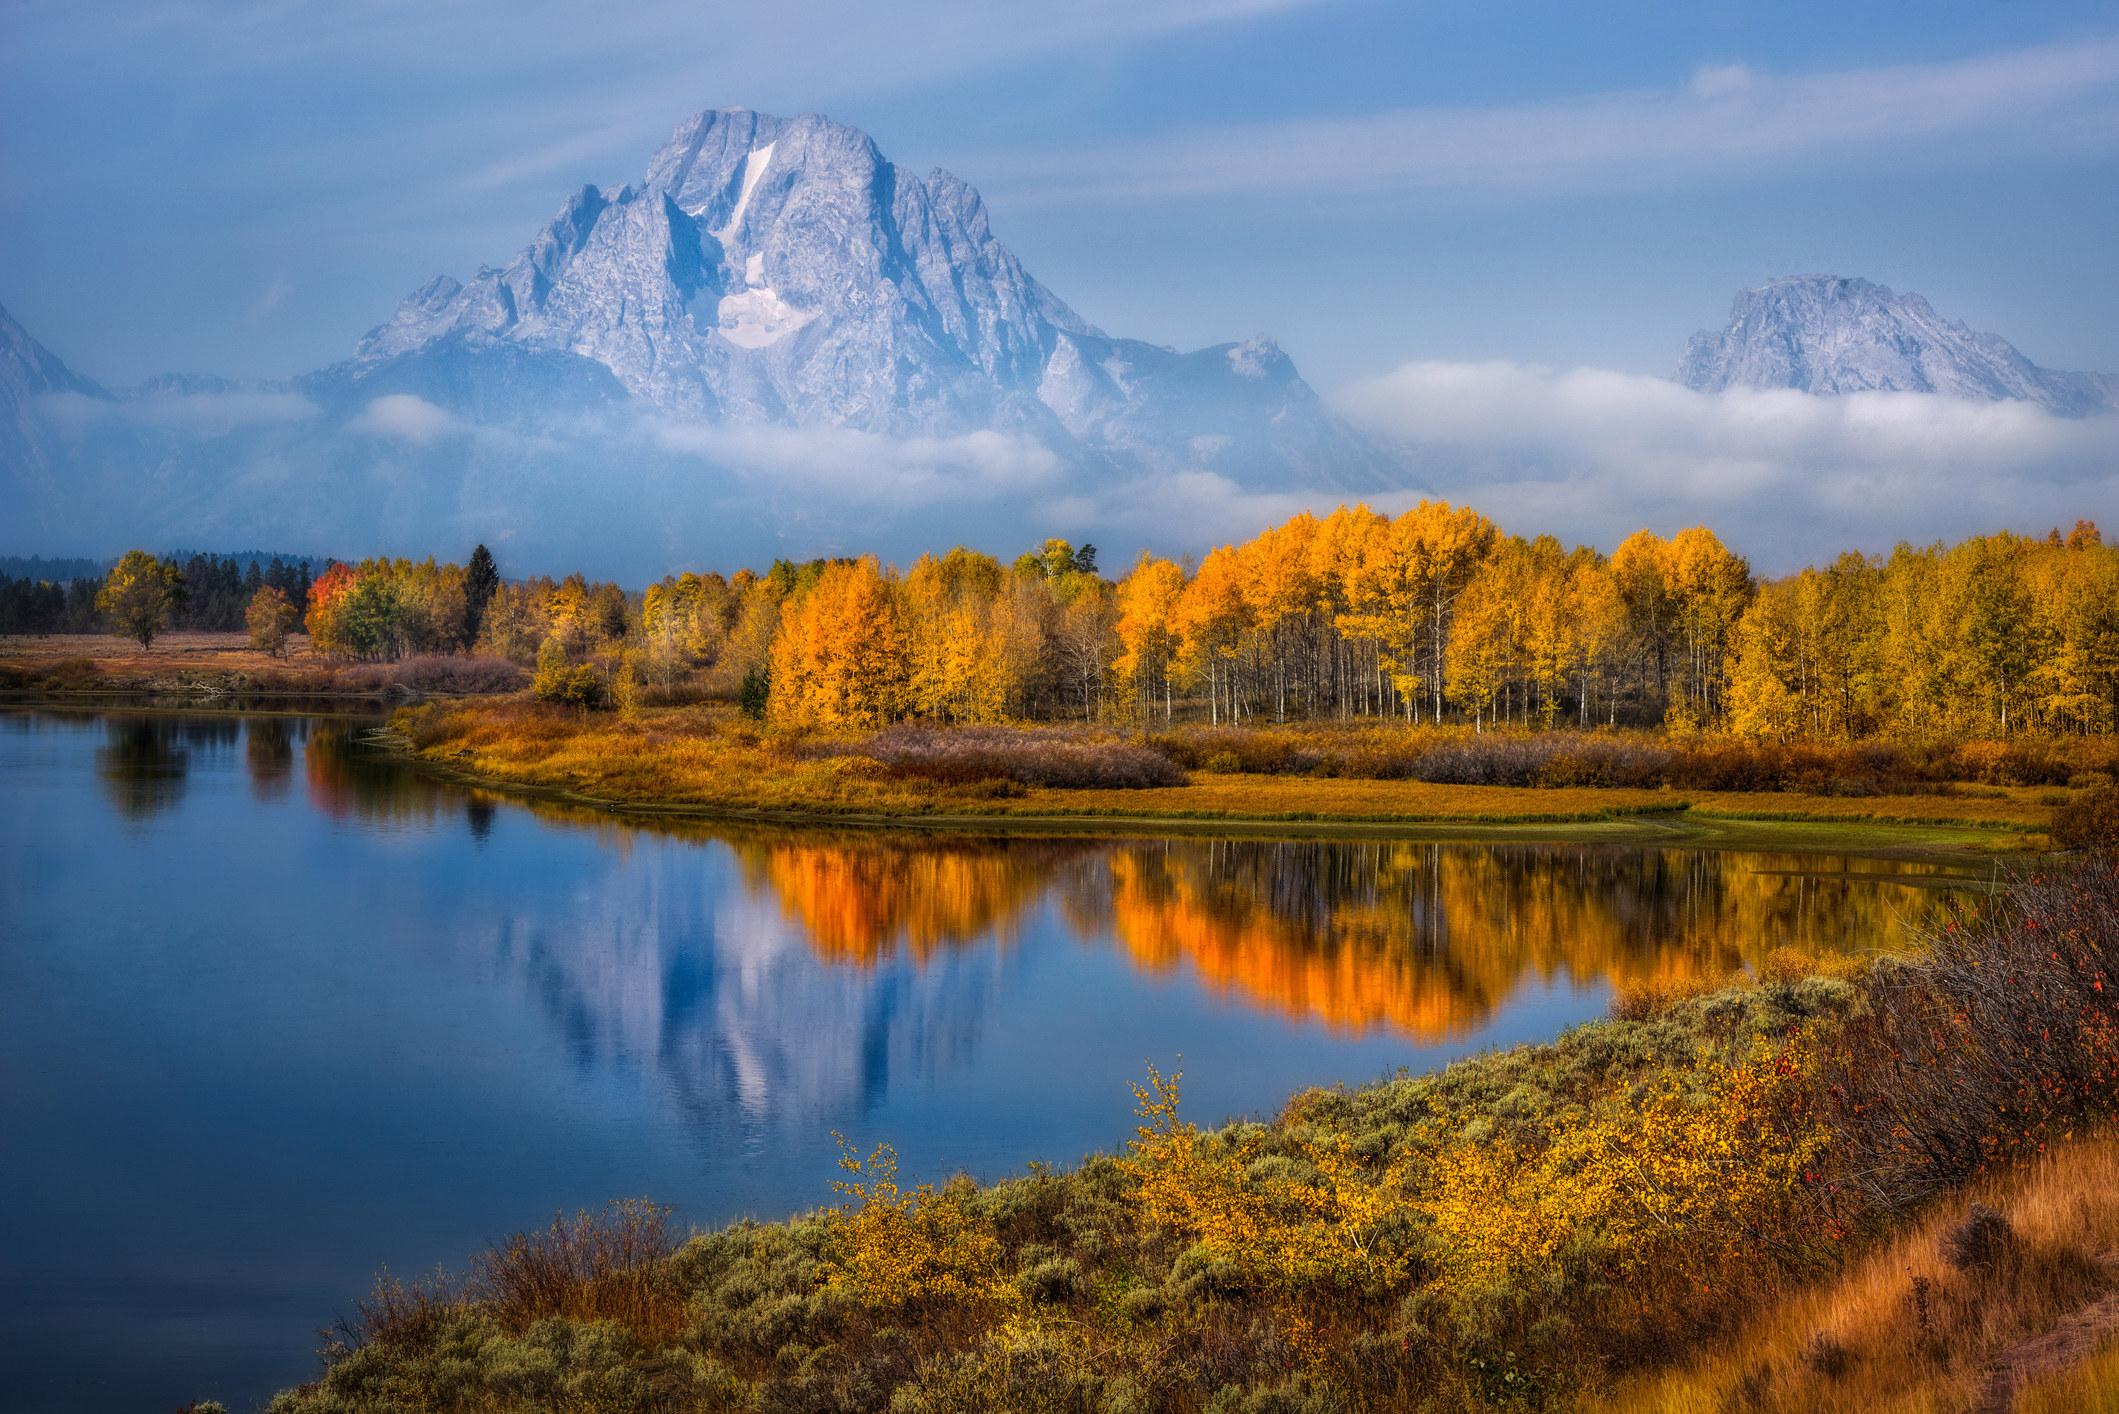 Fall colors at Grand Teton National Park.